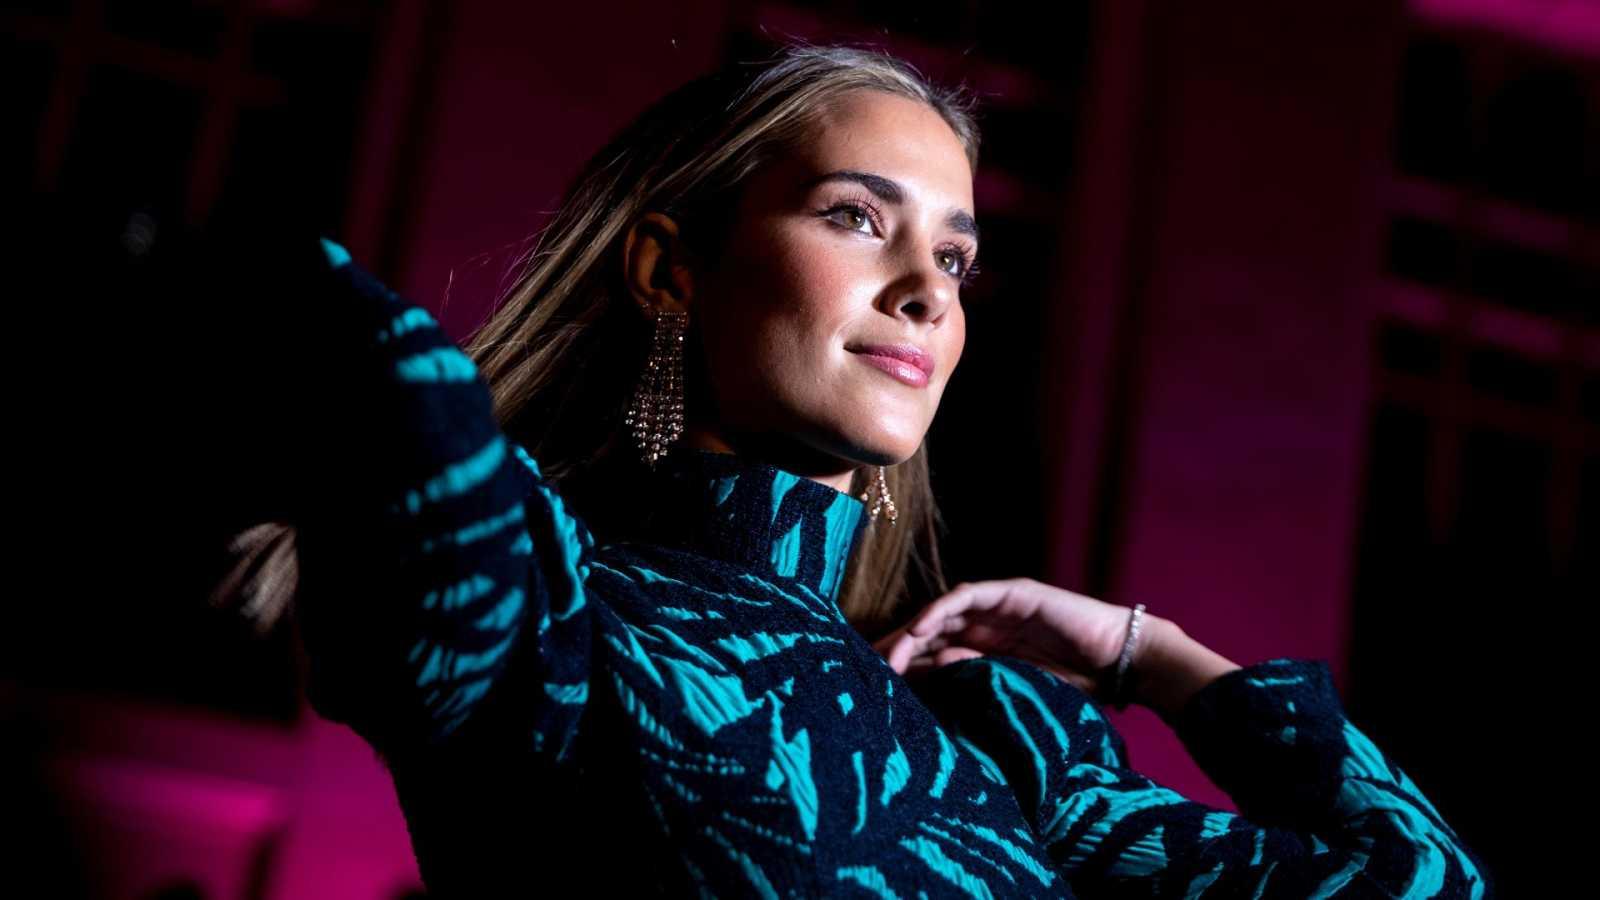 La influencer de 26 años María Pombo podría padecer esclerosis múltiple